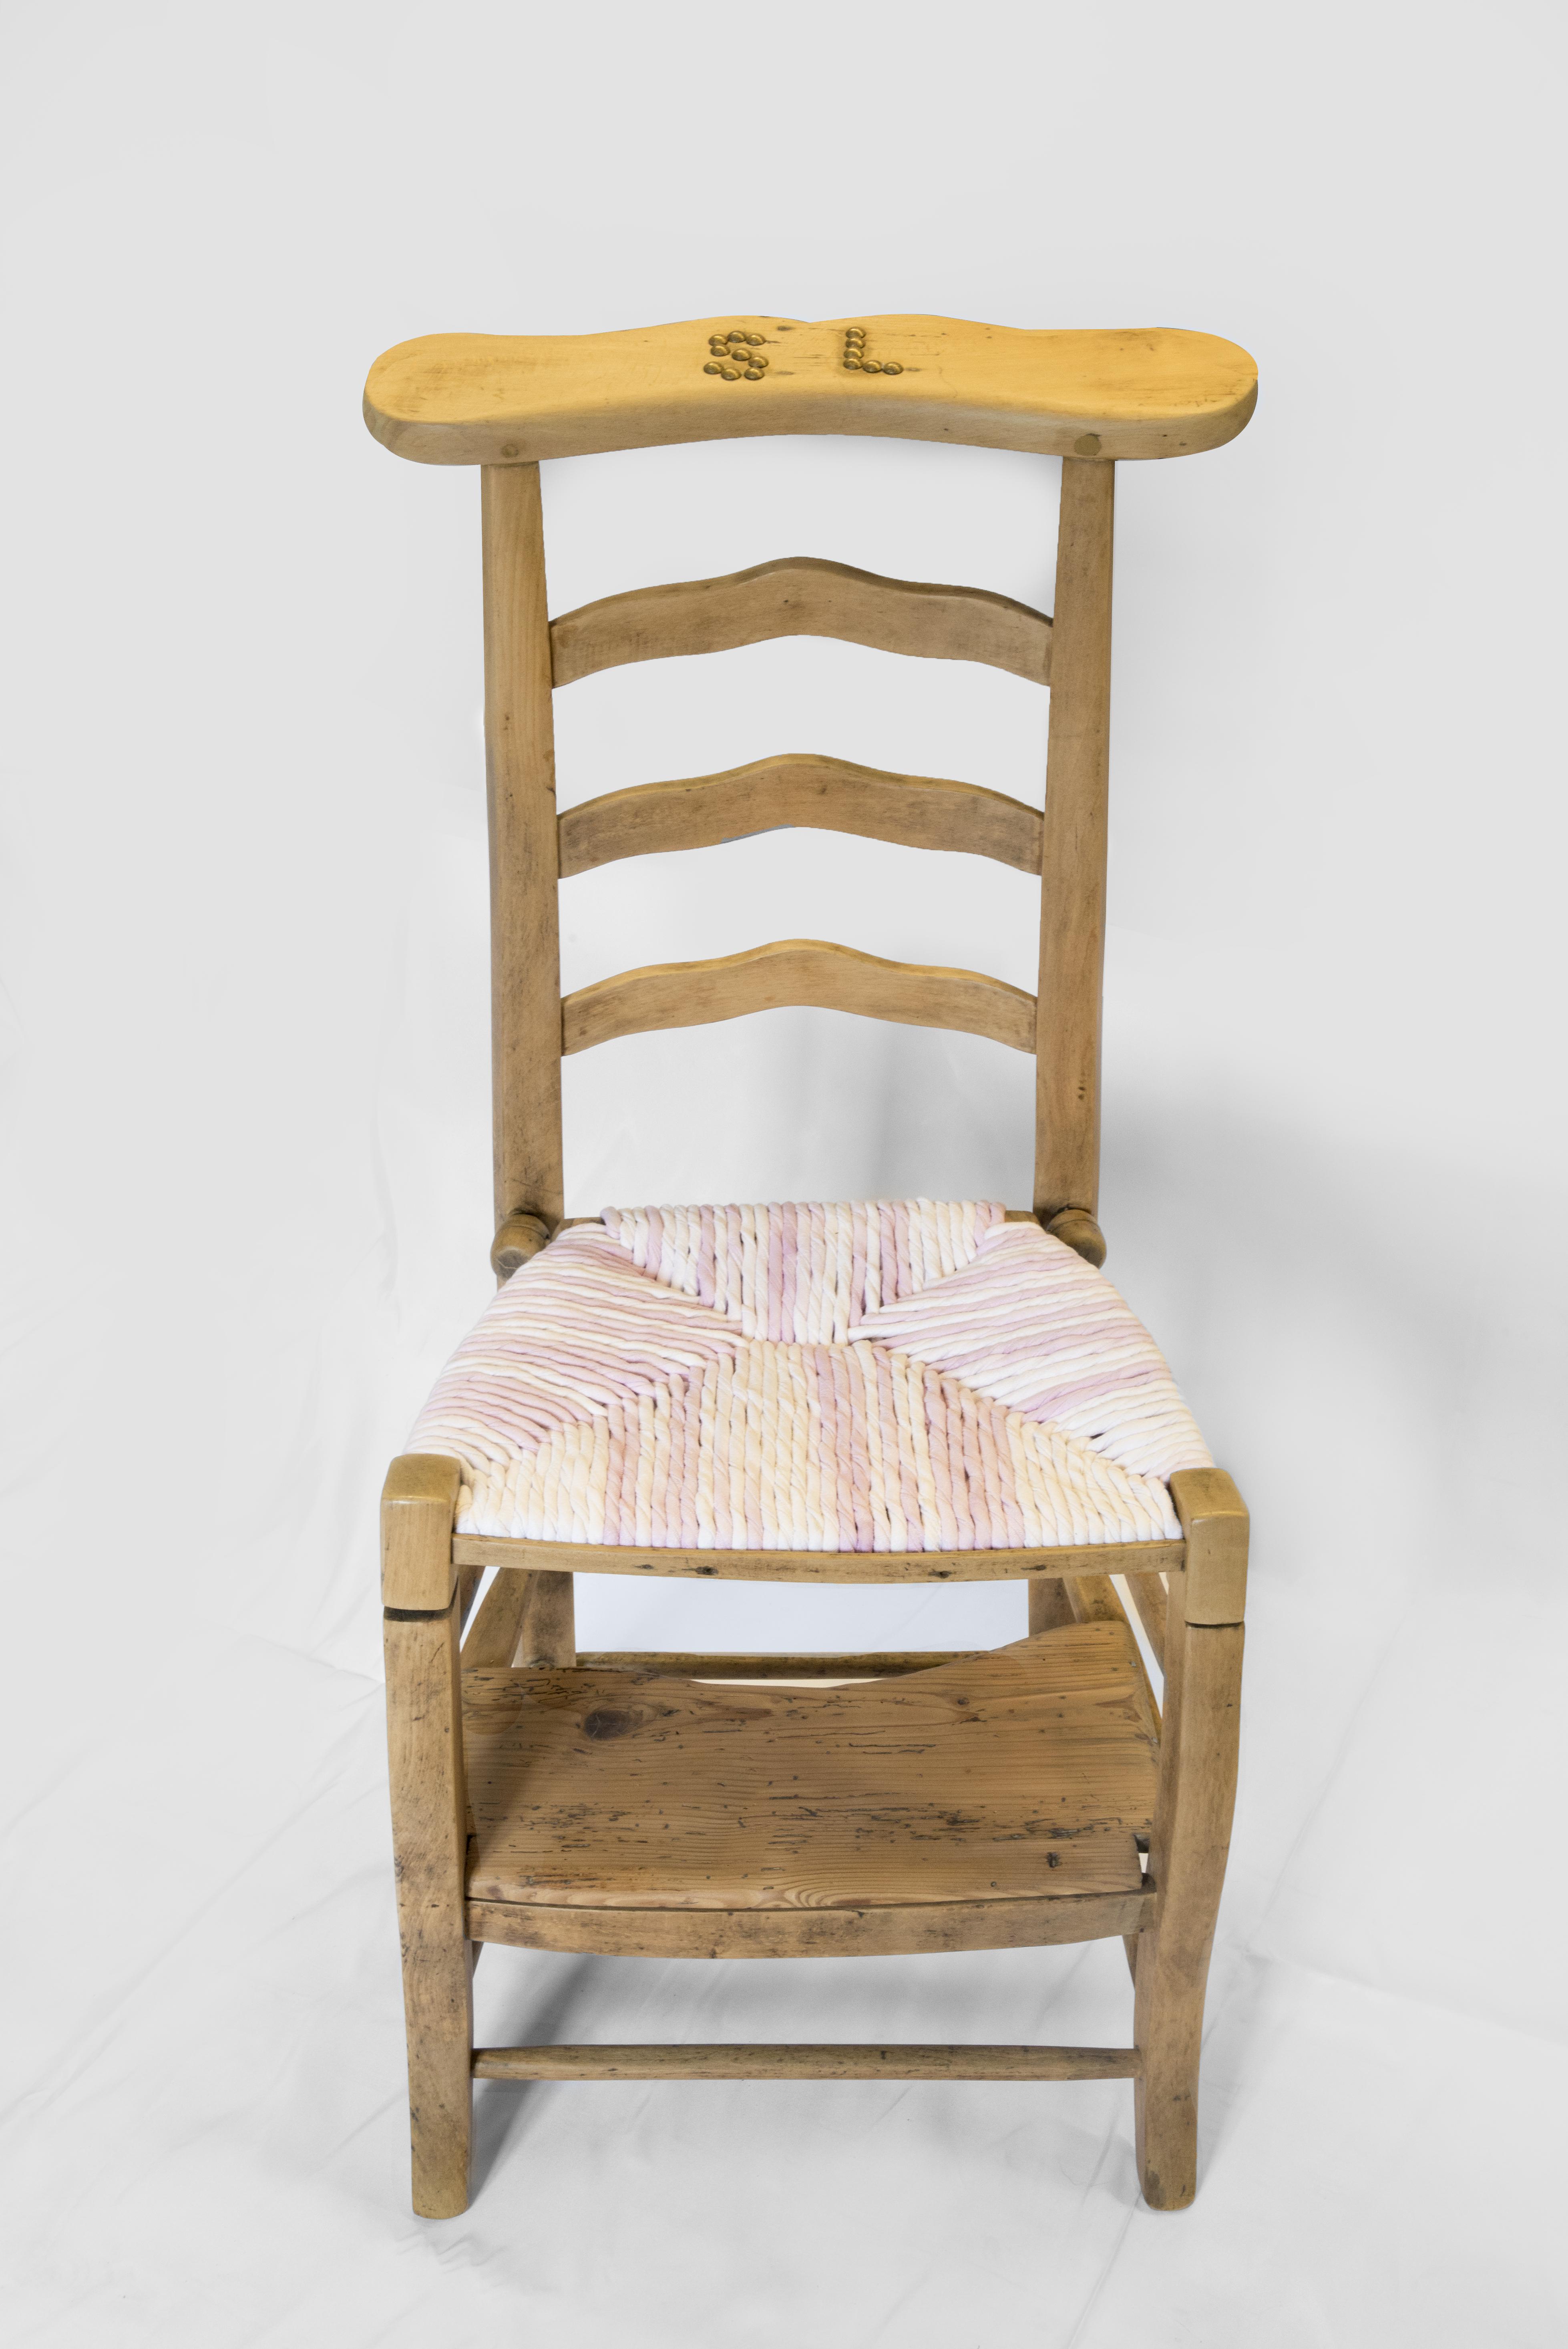 wood is folies prie dieu madame restaration relooking rempaillage ent torons de tissus blanc rose bois massif finition mat vue de dessus canteleu rouen normandie